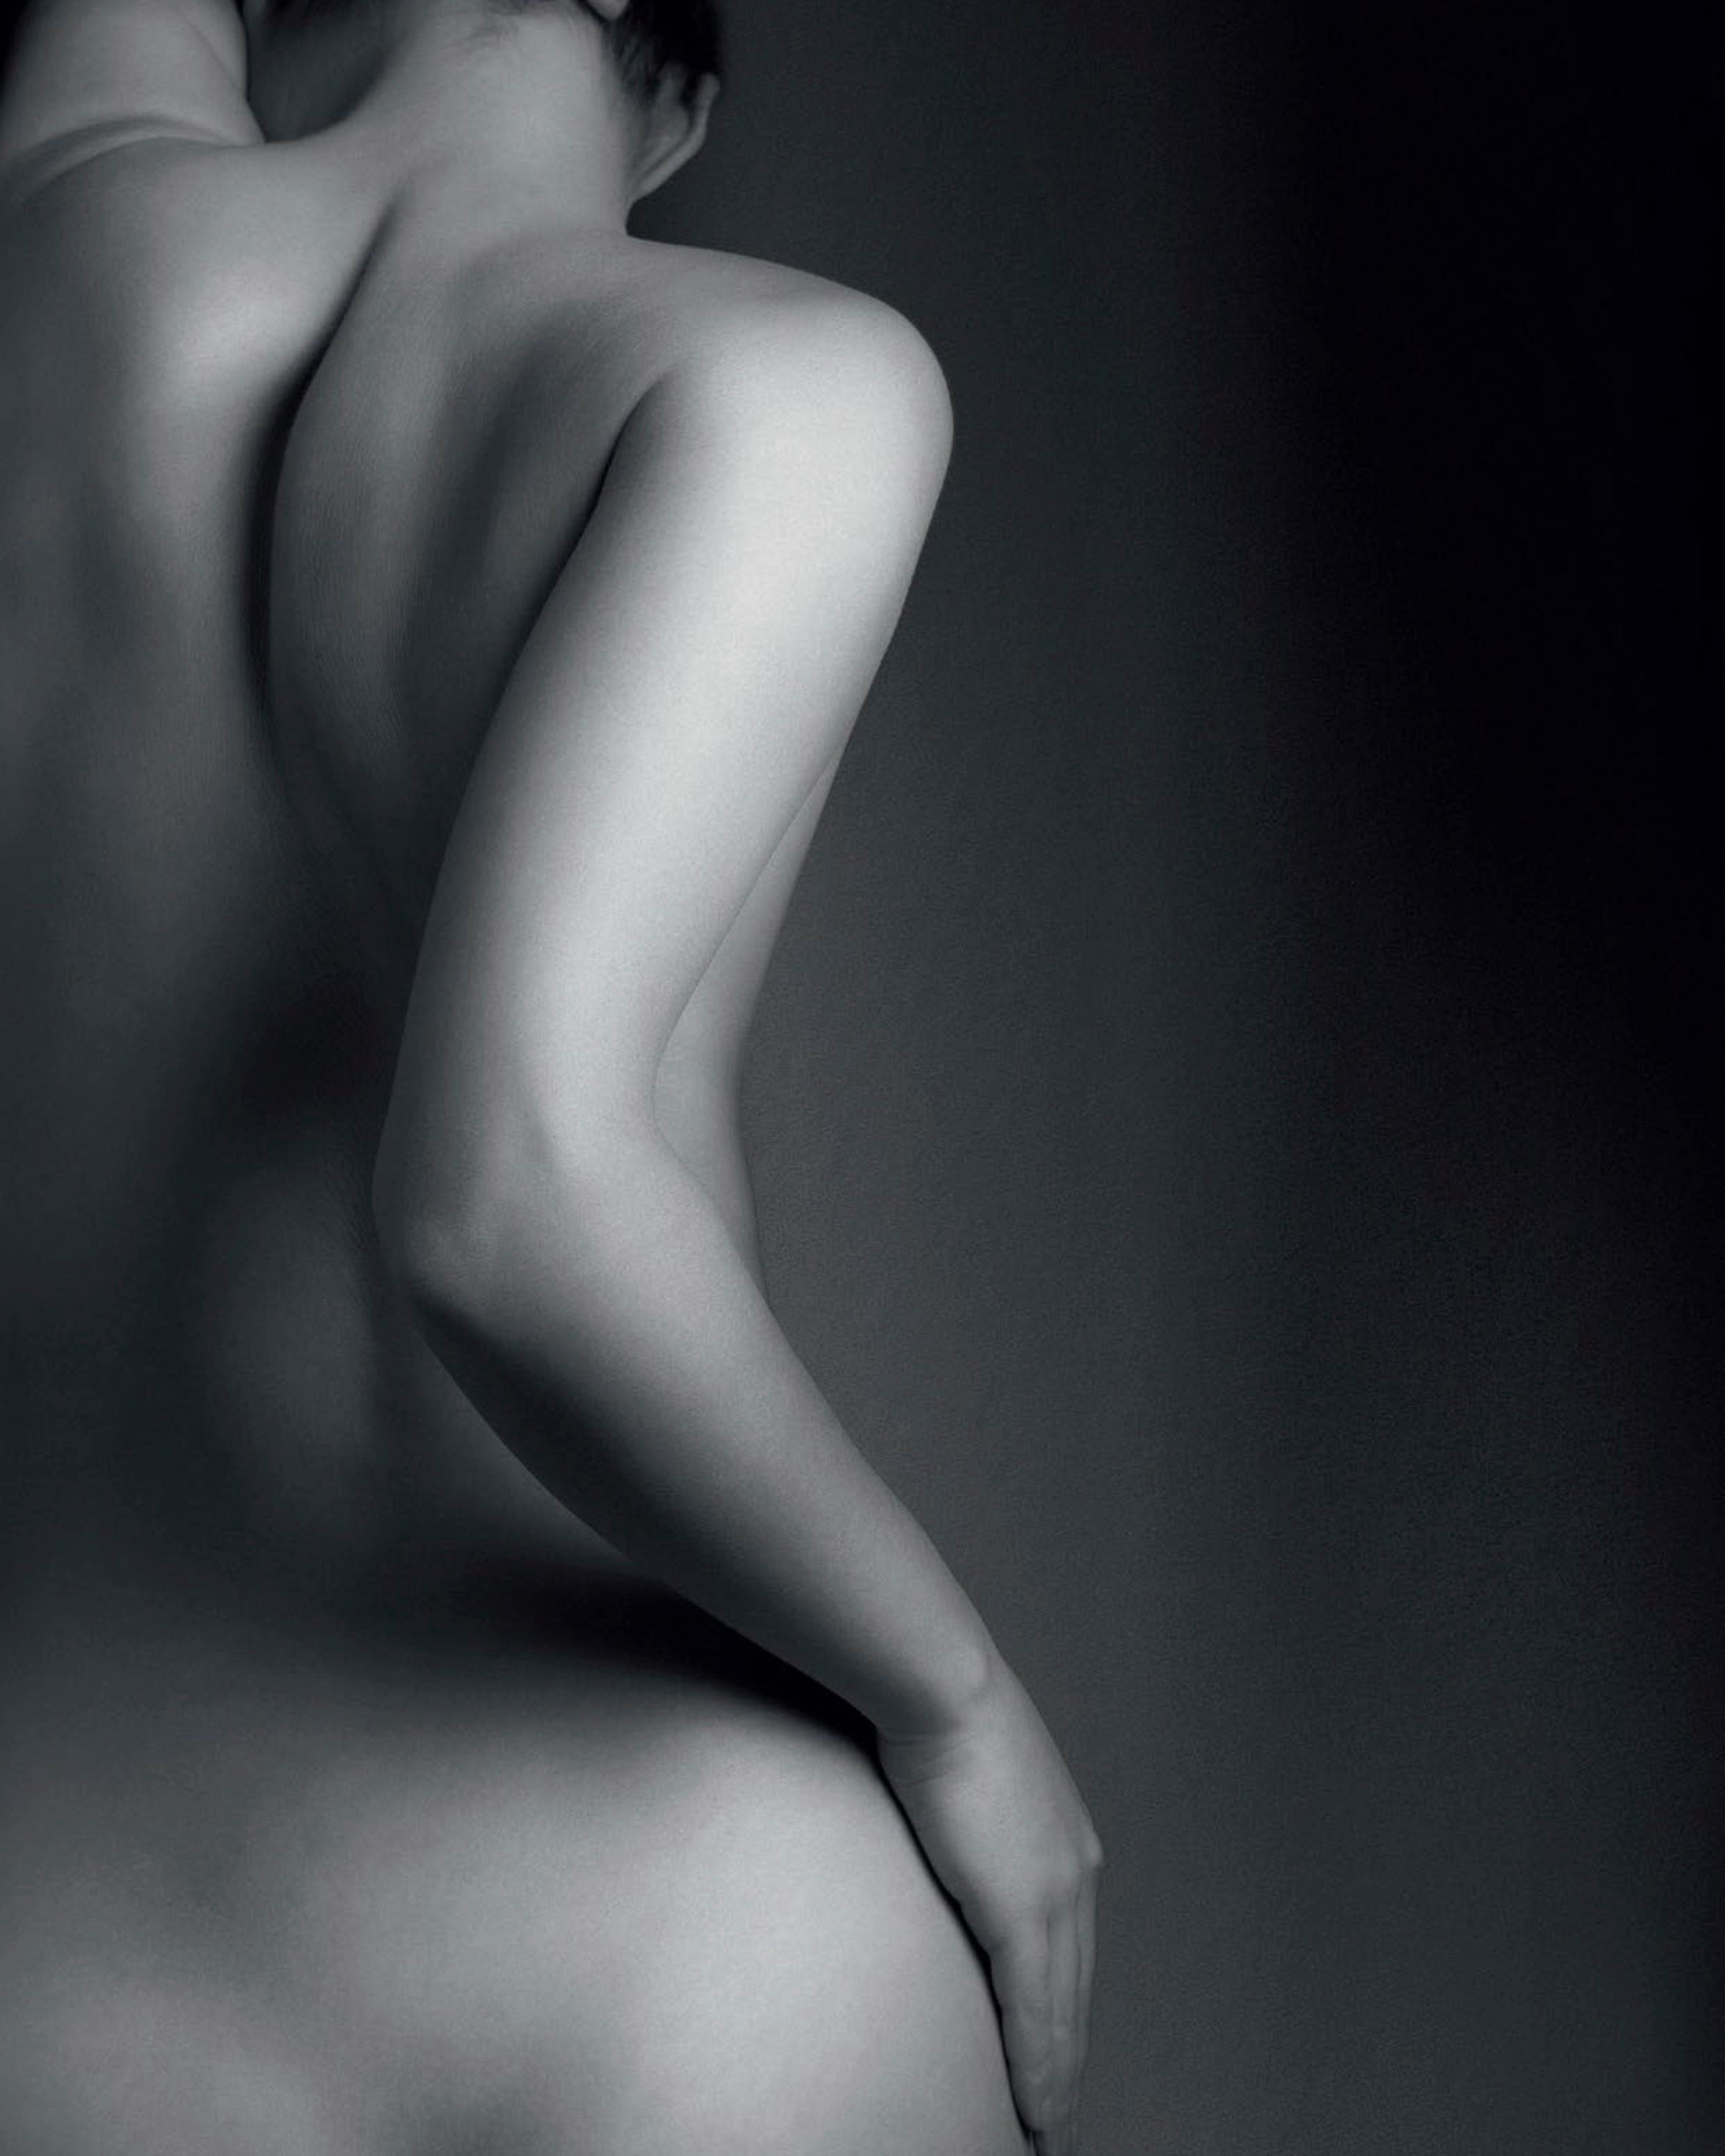 MG+Body.jpg